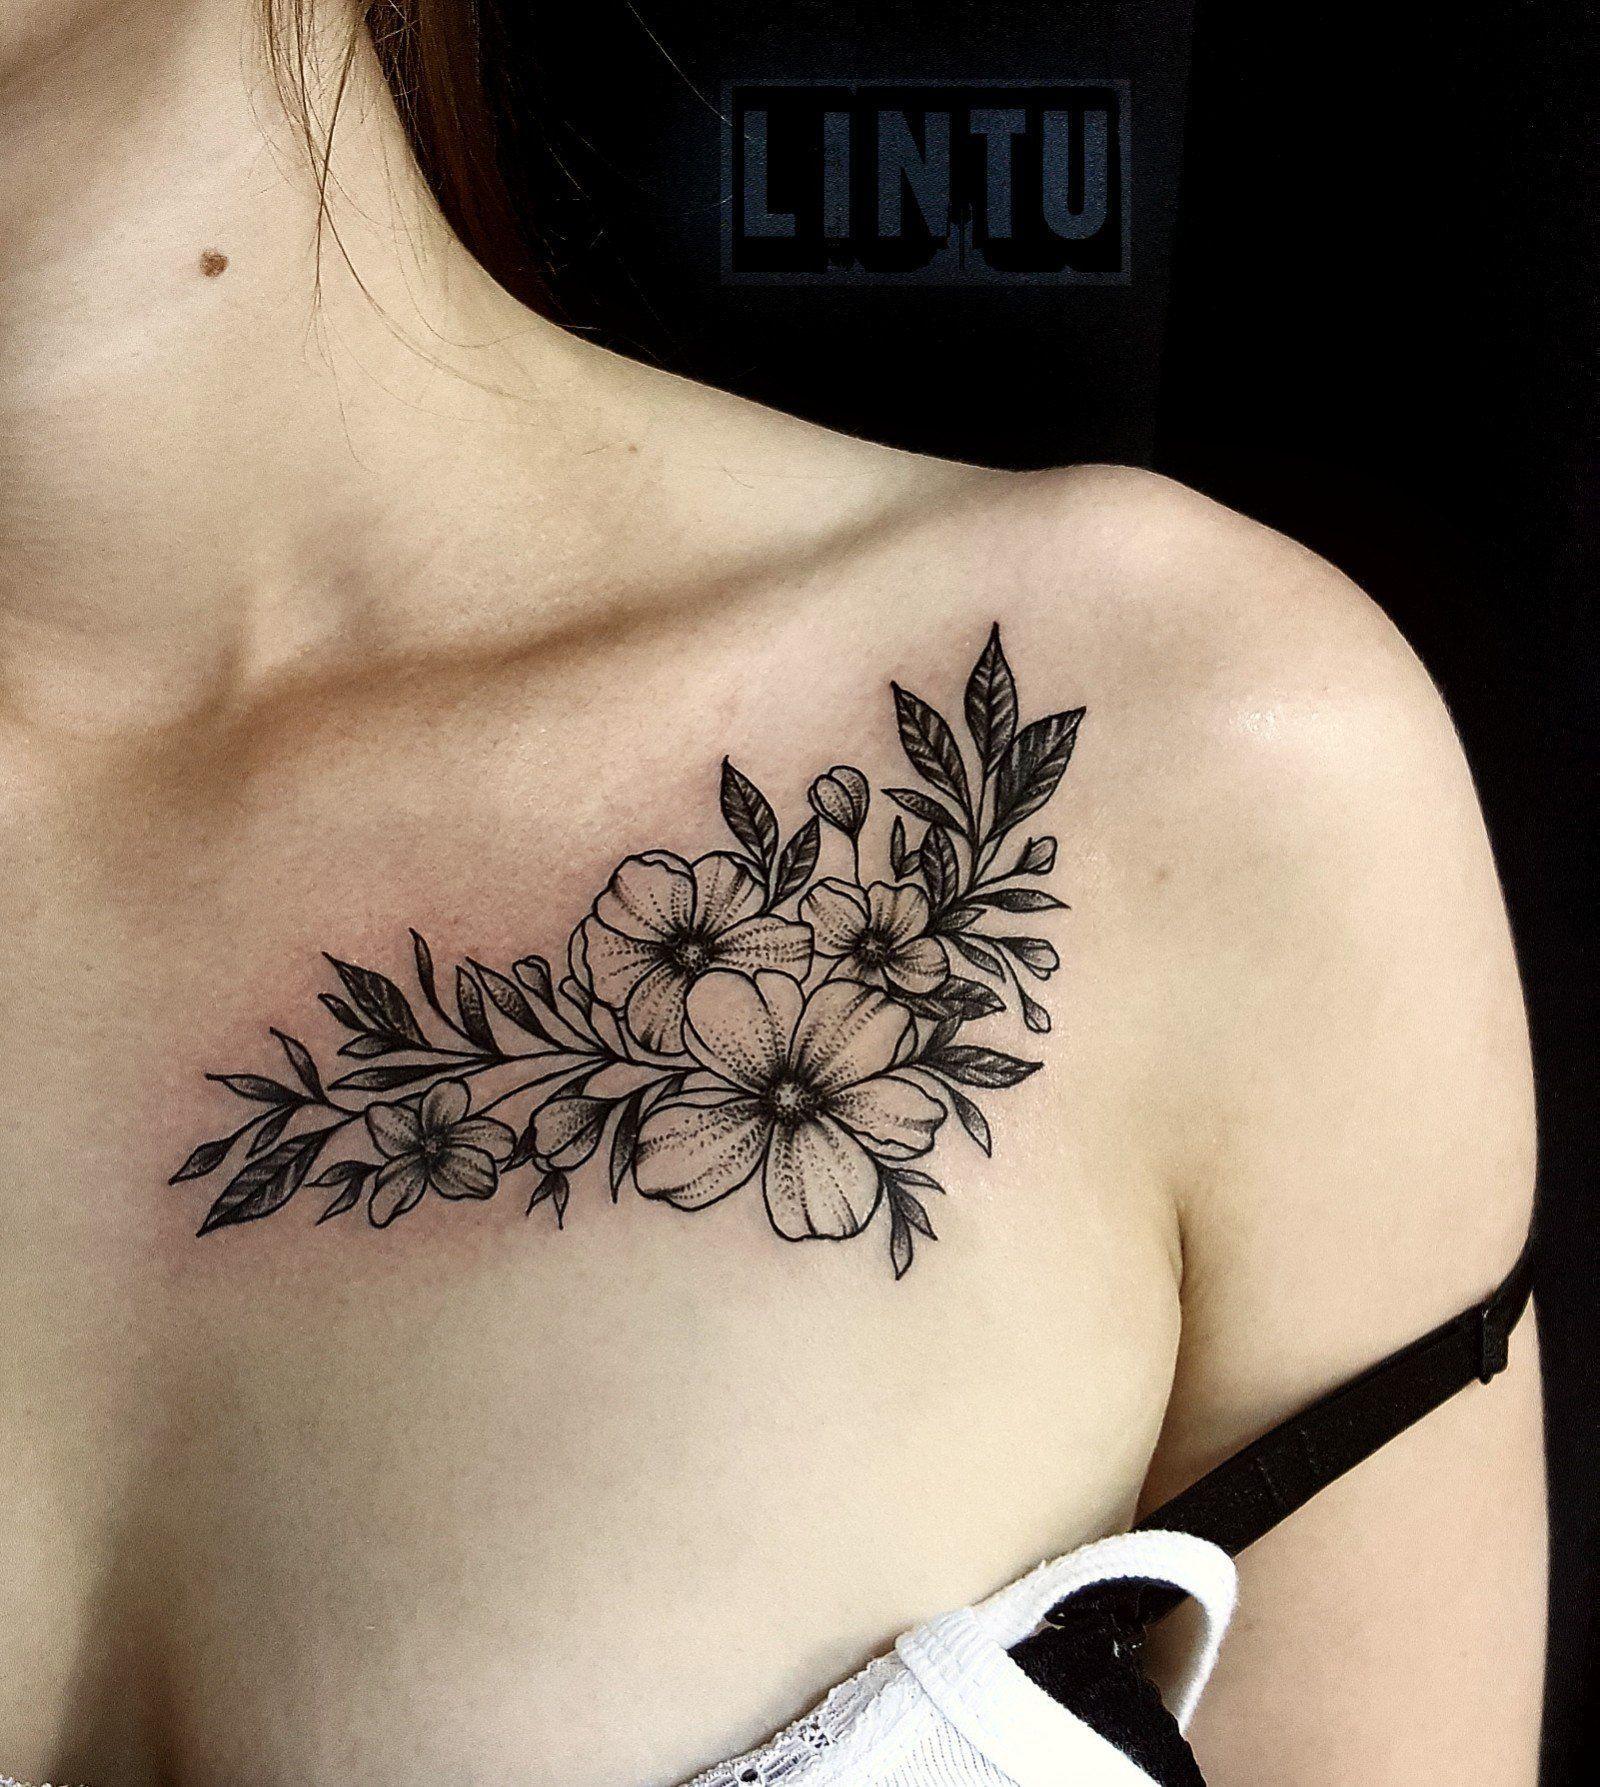 Tattoo In 2020 Collar Bone Tattoo Bone Tattoos Chest Tattoos For Women